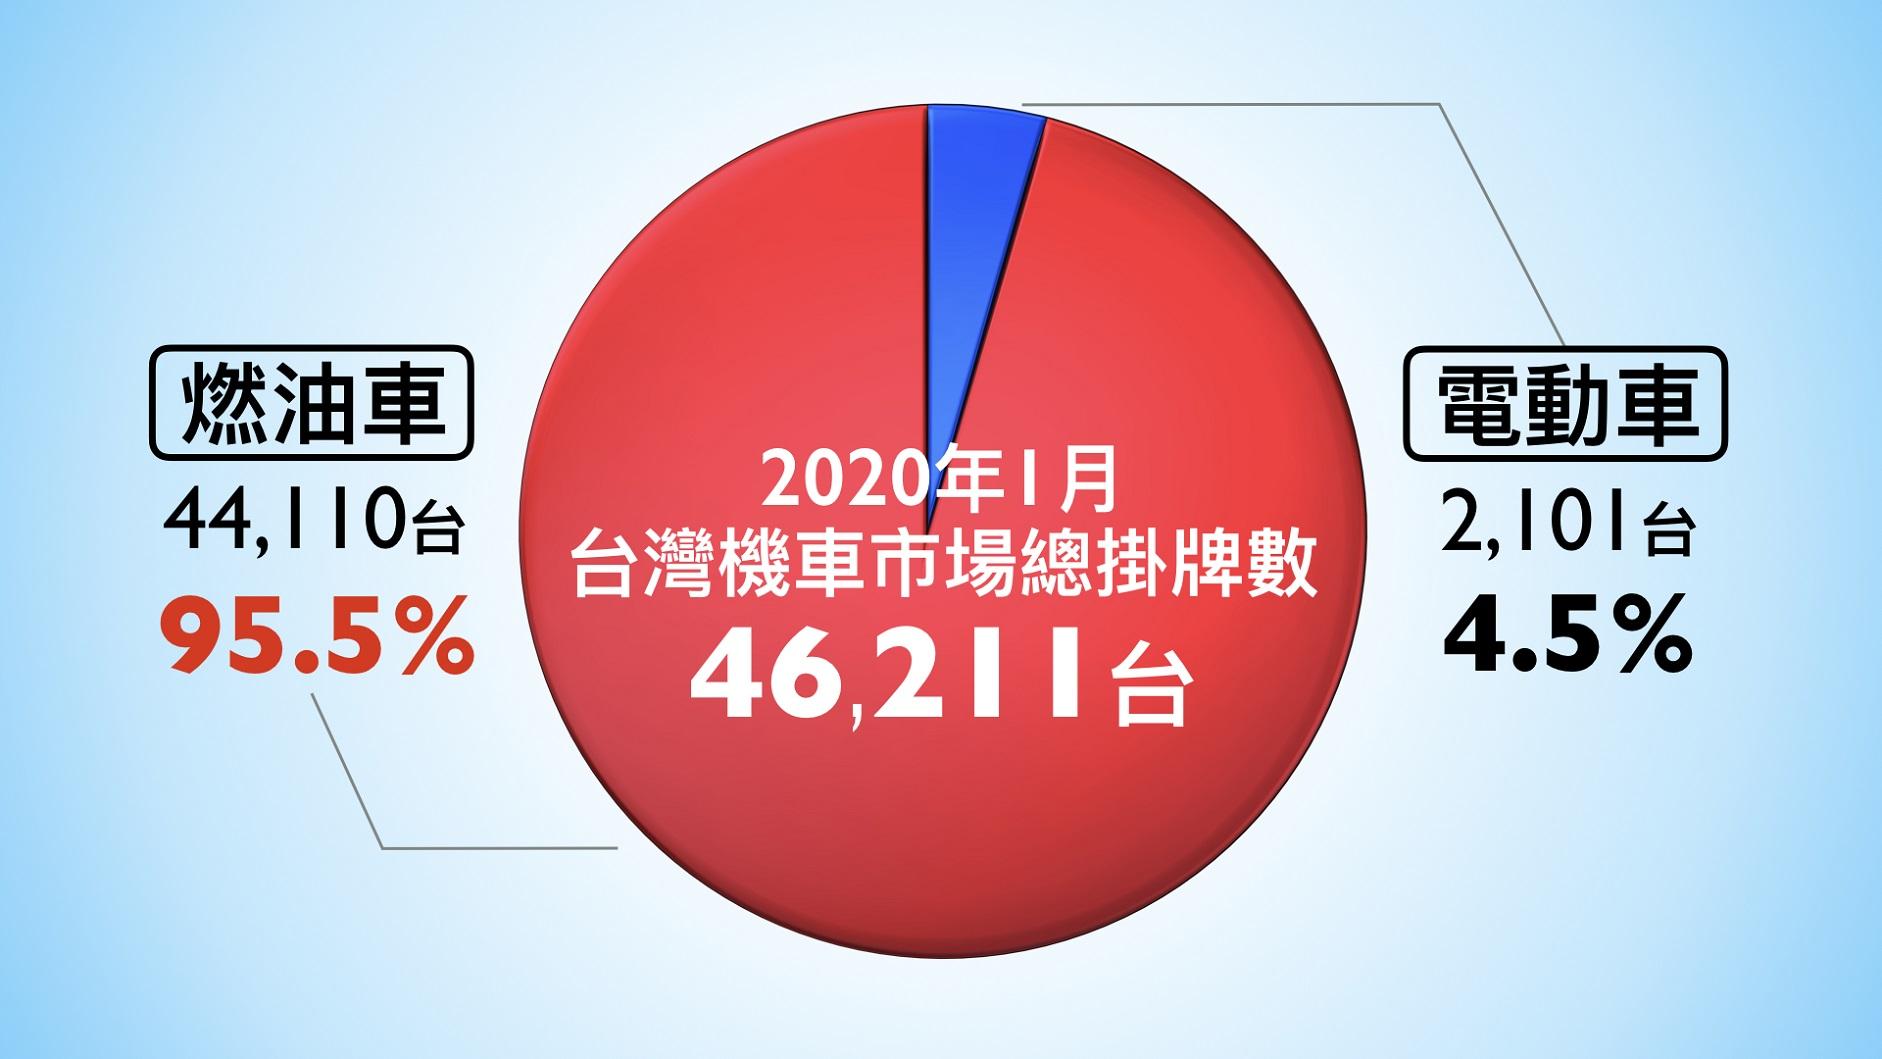 補助政策未明朗,1 月電動機車市佔掉九成,武漢肺炎市場影響待觀察!